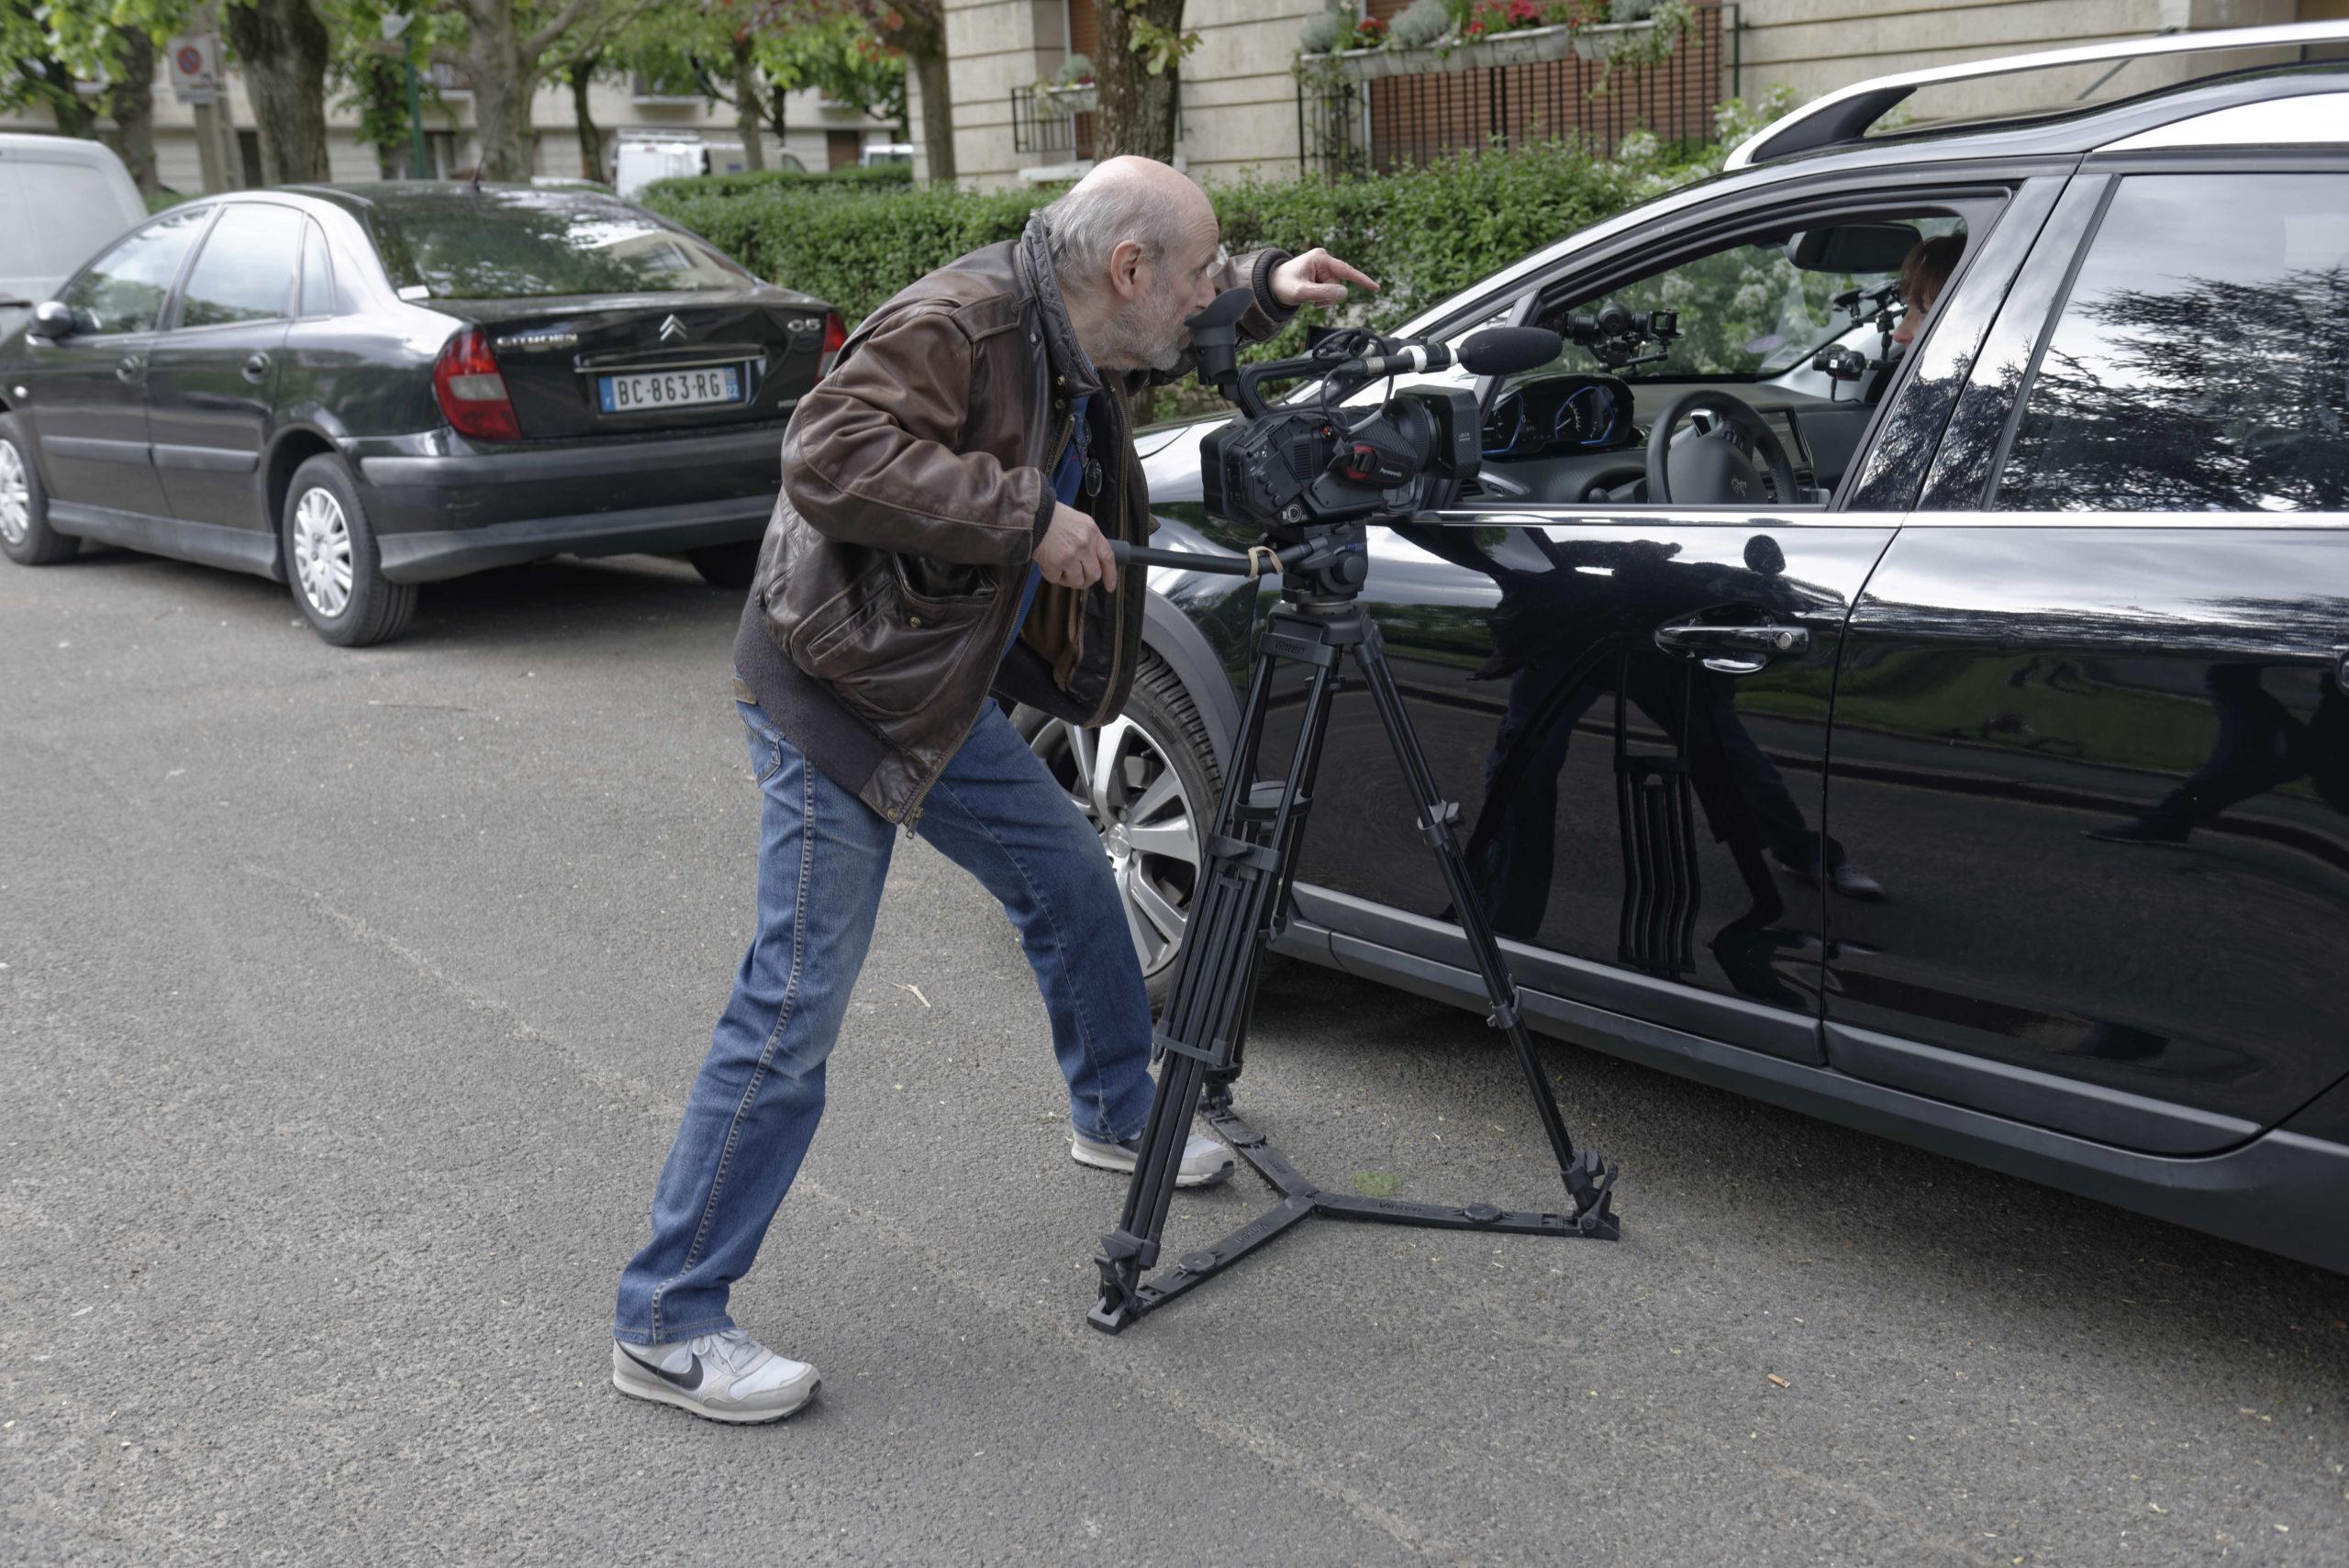 Pere et impair photos tournage 27